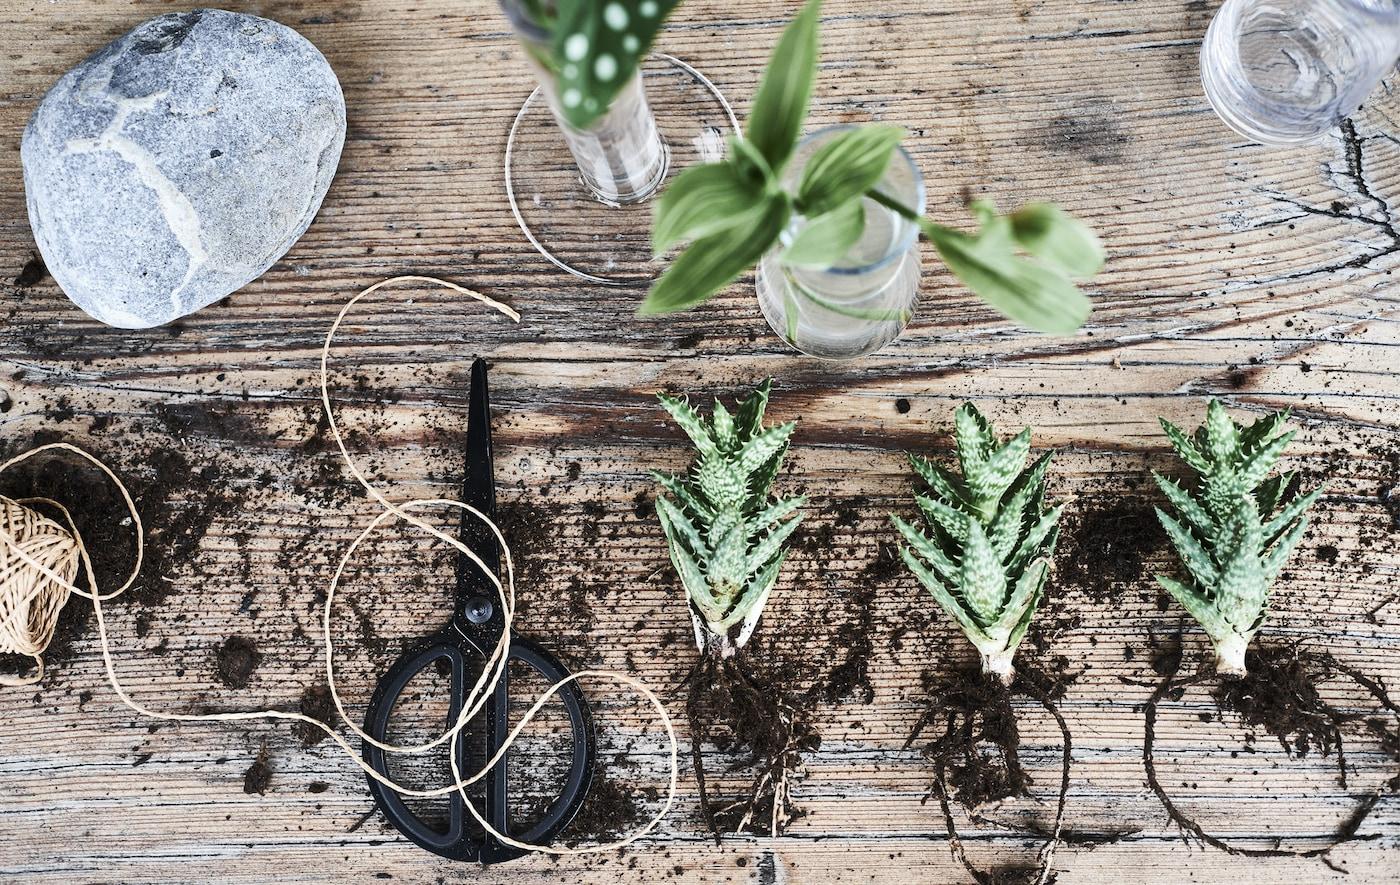 نباتات وتربة وخيط ومقص على مقعد خشبي.